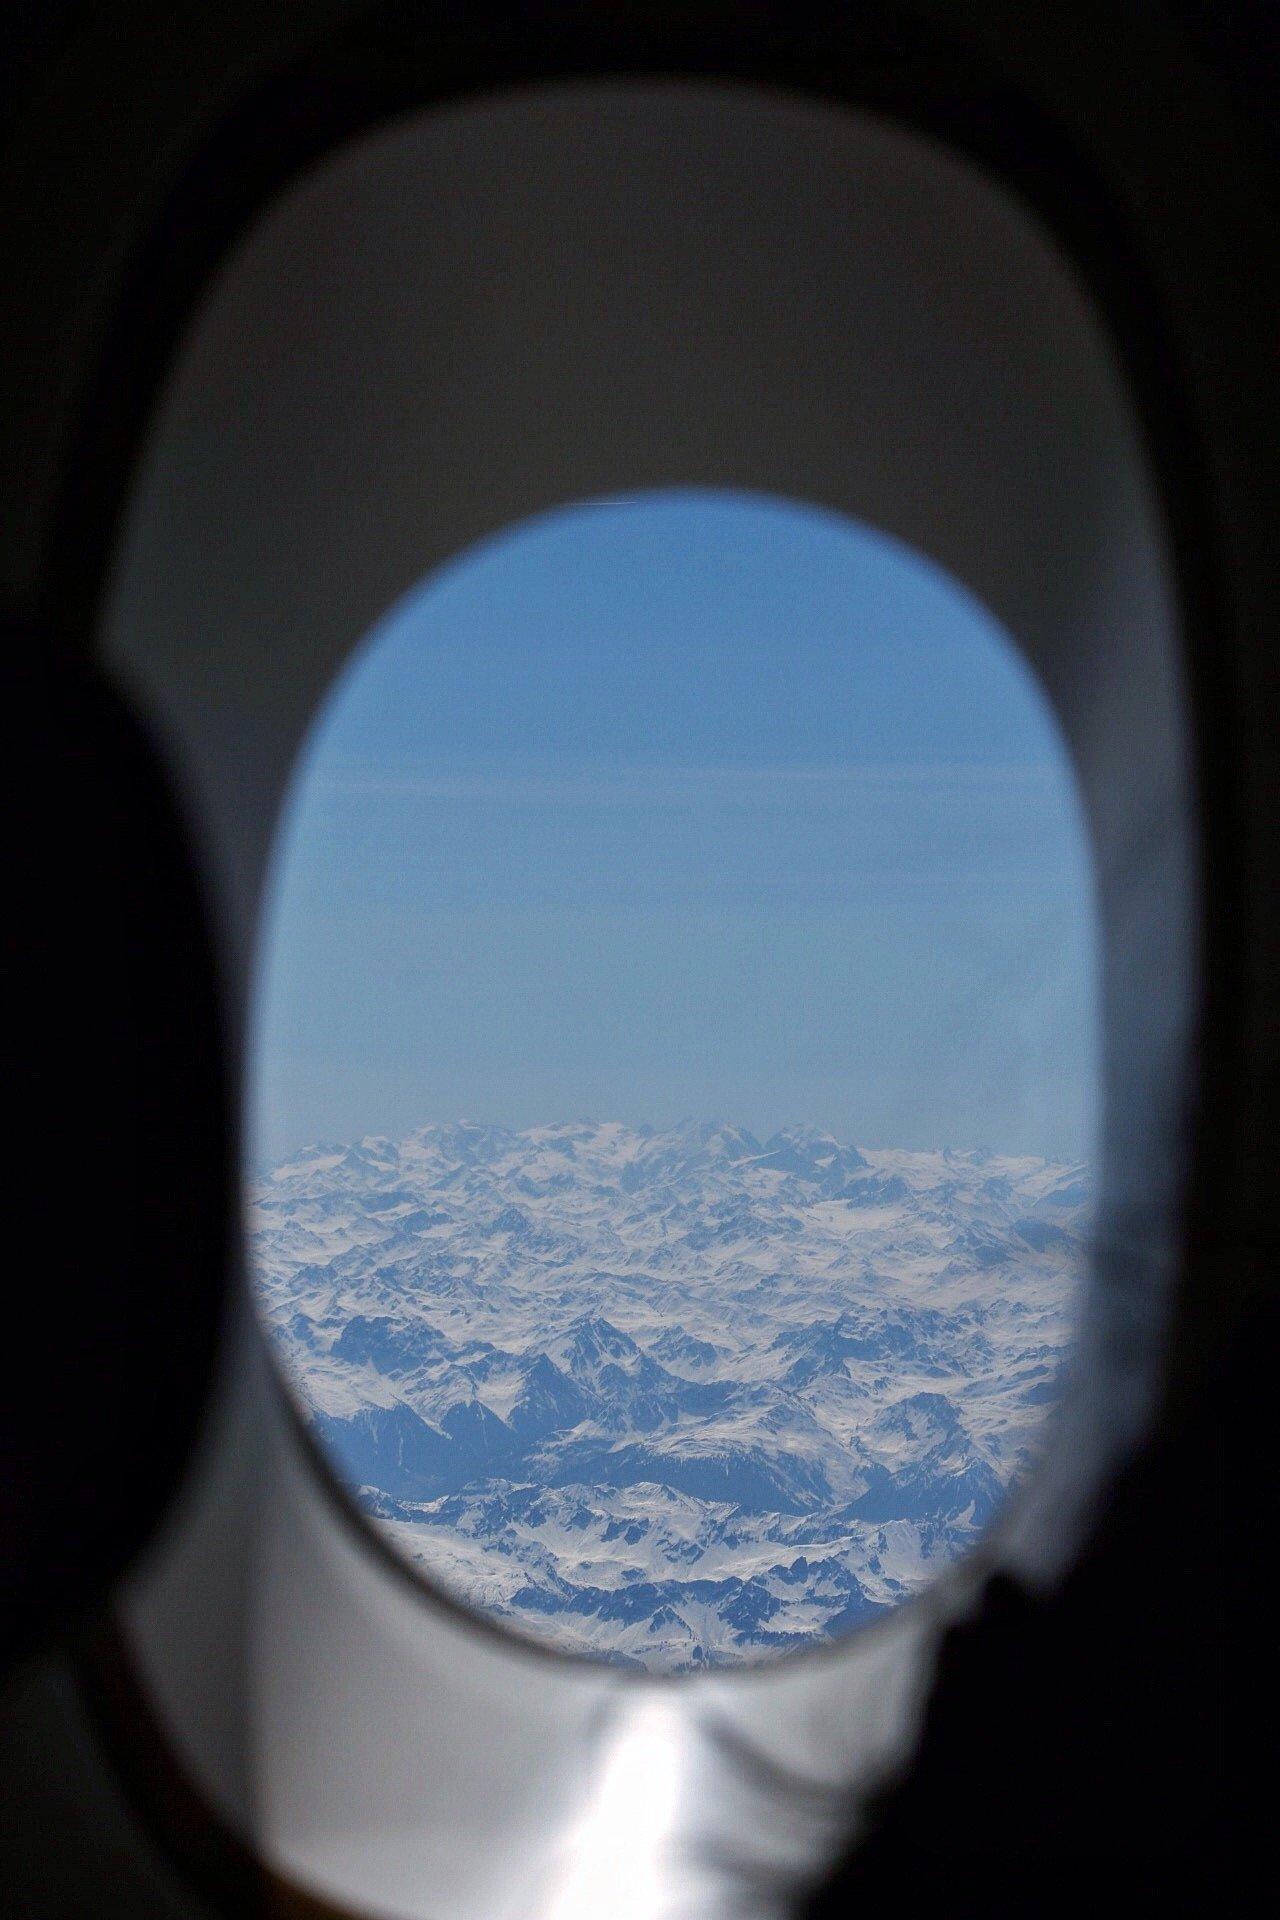 view-from-emirates-fligth-to-zurich-foto-blog-kasuma